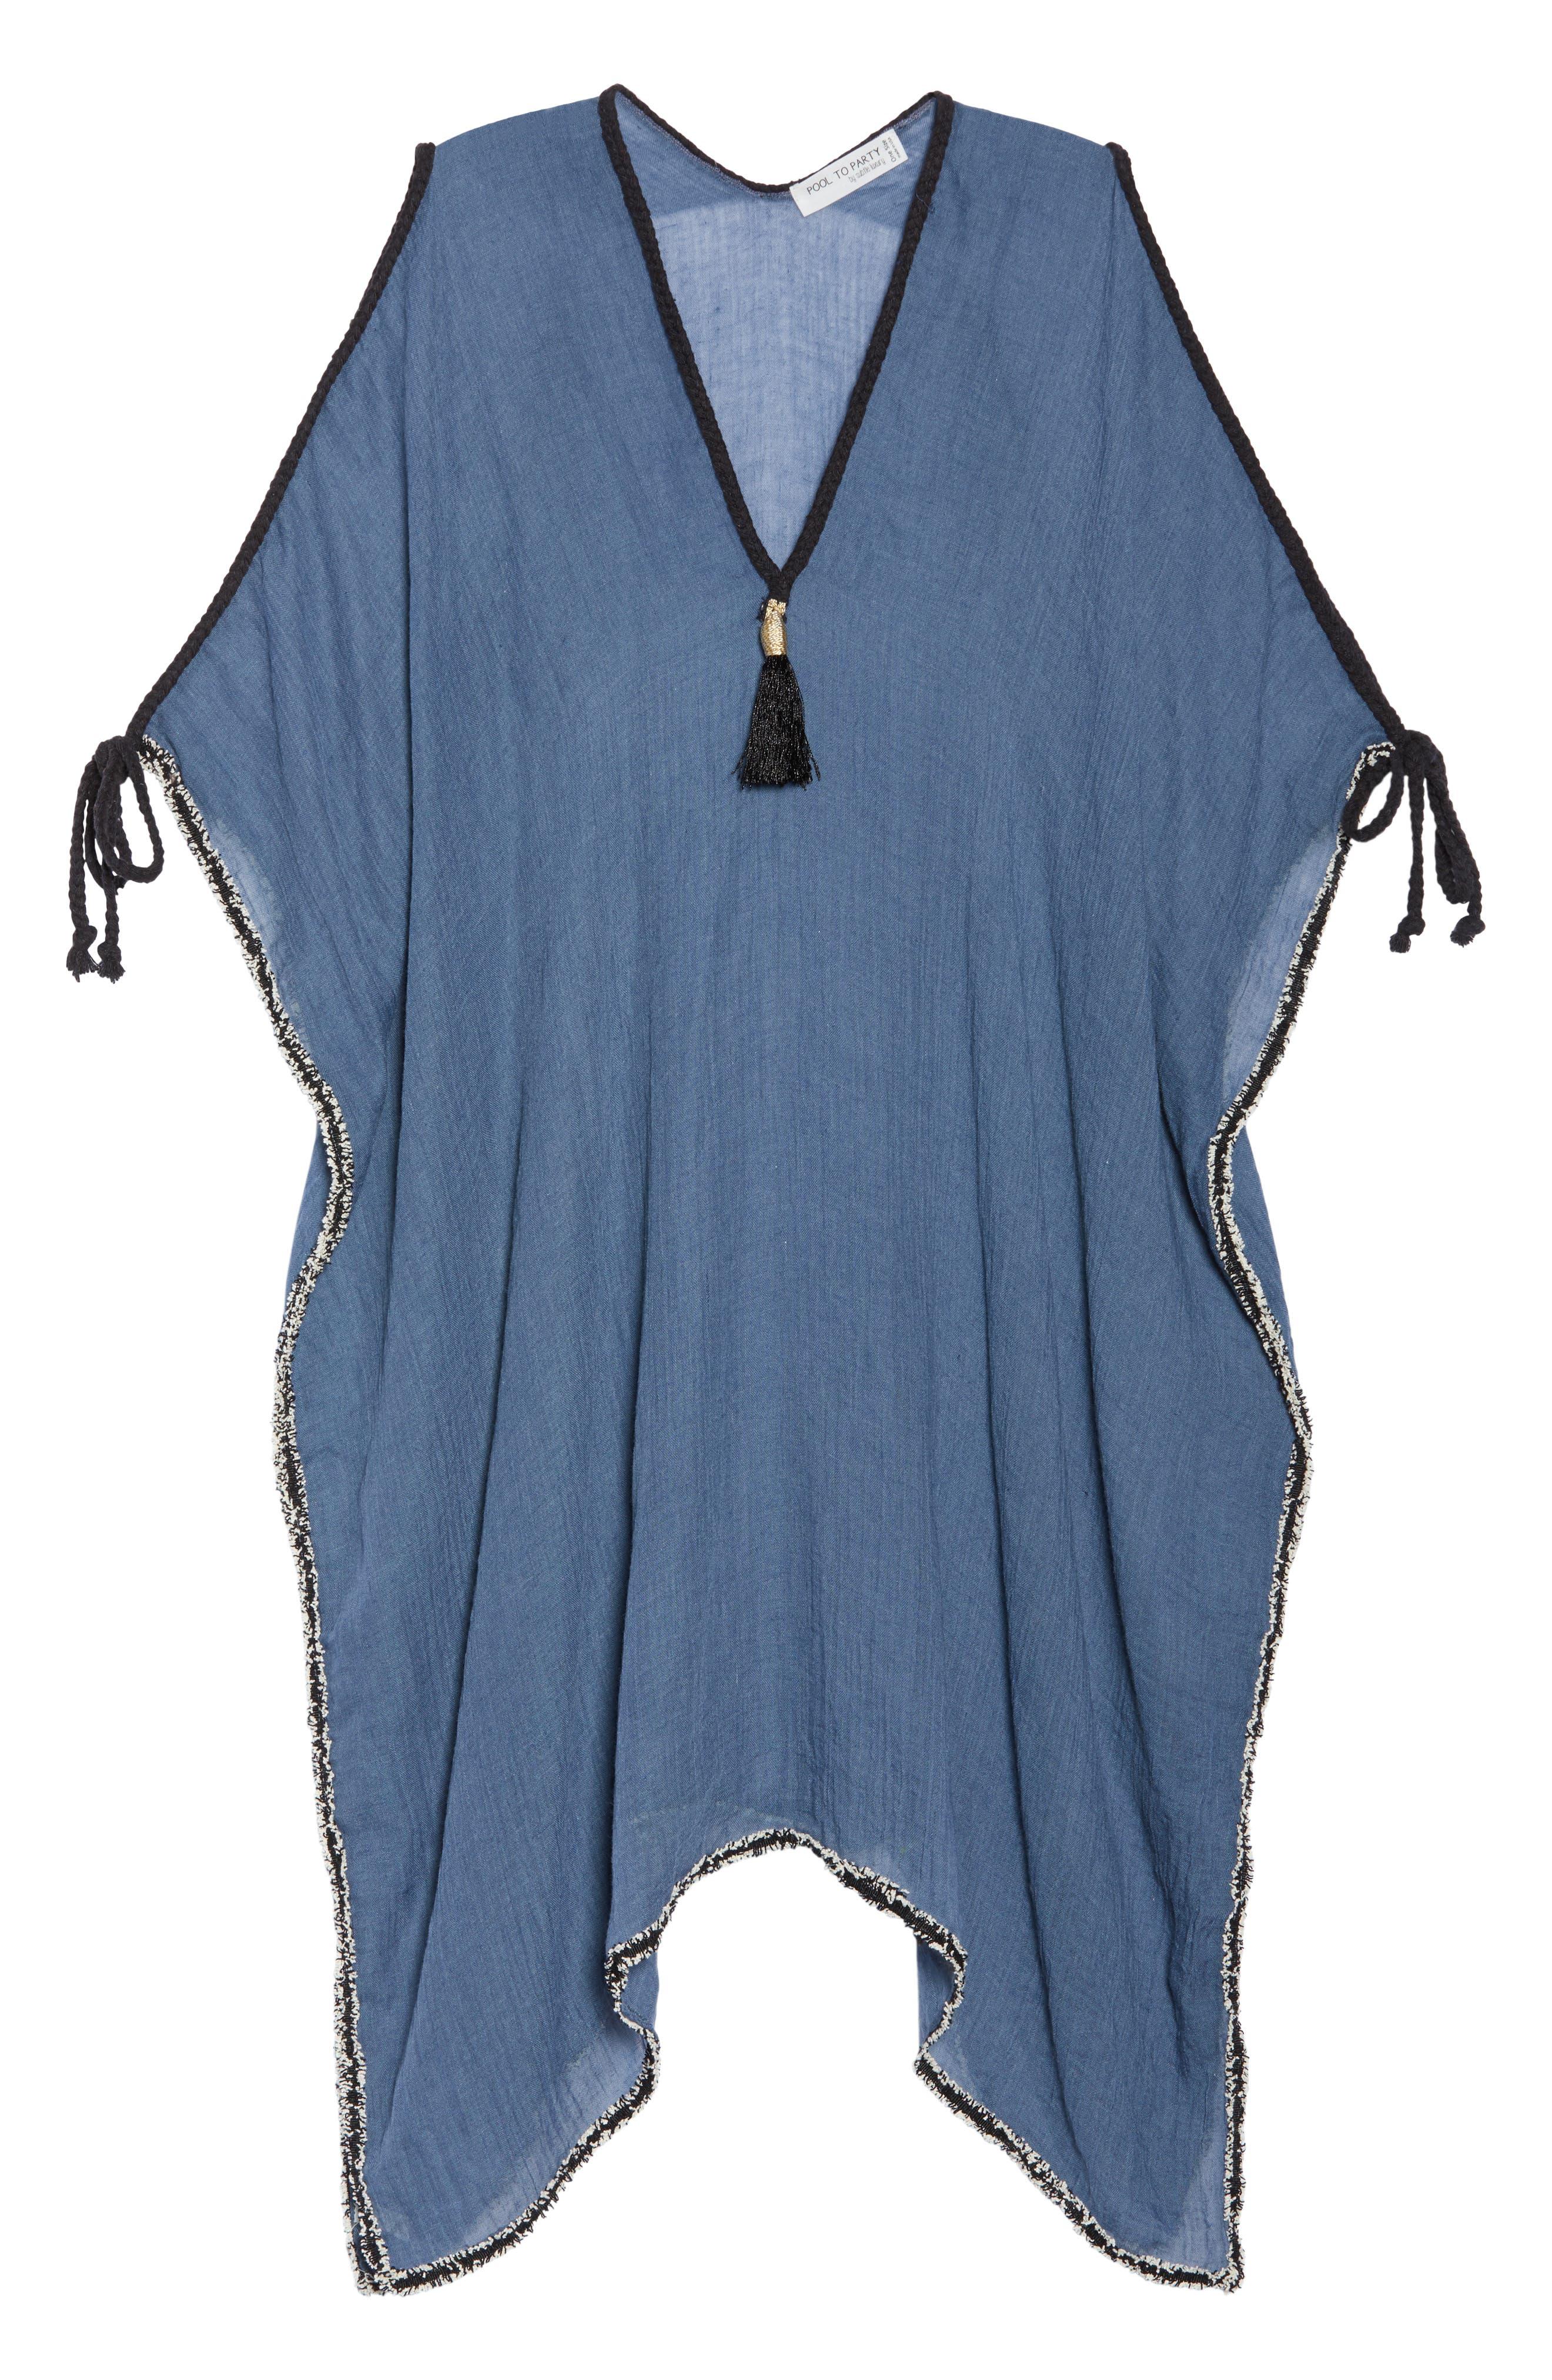 Cold Shoulder Cover-Up Dress,                             Alternate thumbnail 6, color,                             414